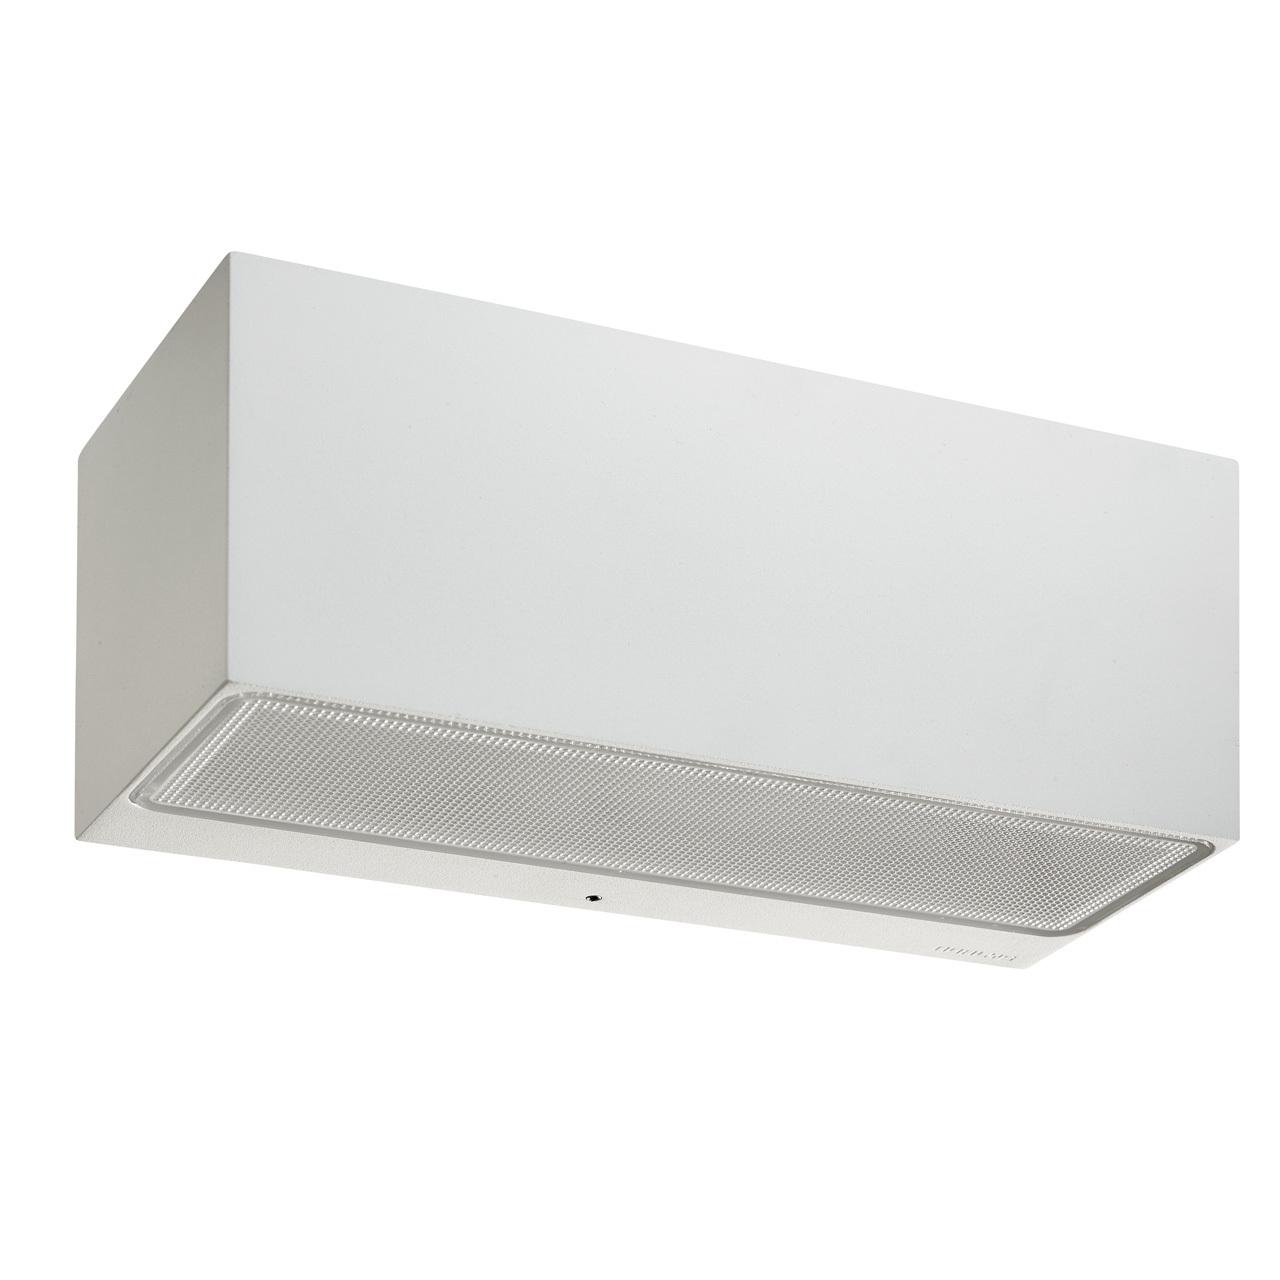 Lampa ścienna ASKER LED 1511W -Norlys  SPRAWDŹ RABATY  5-10-15-20 % w koszyku